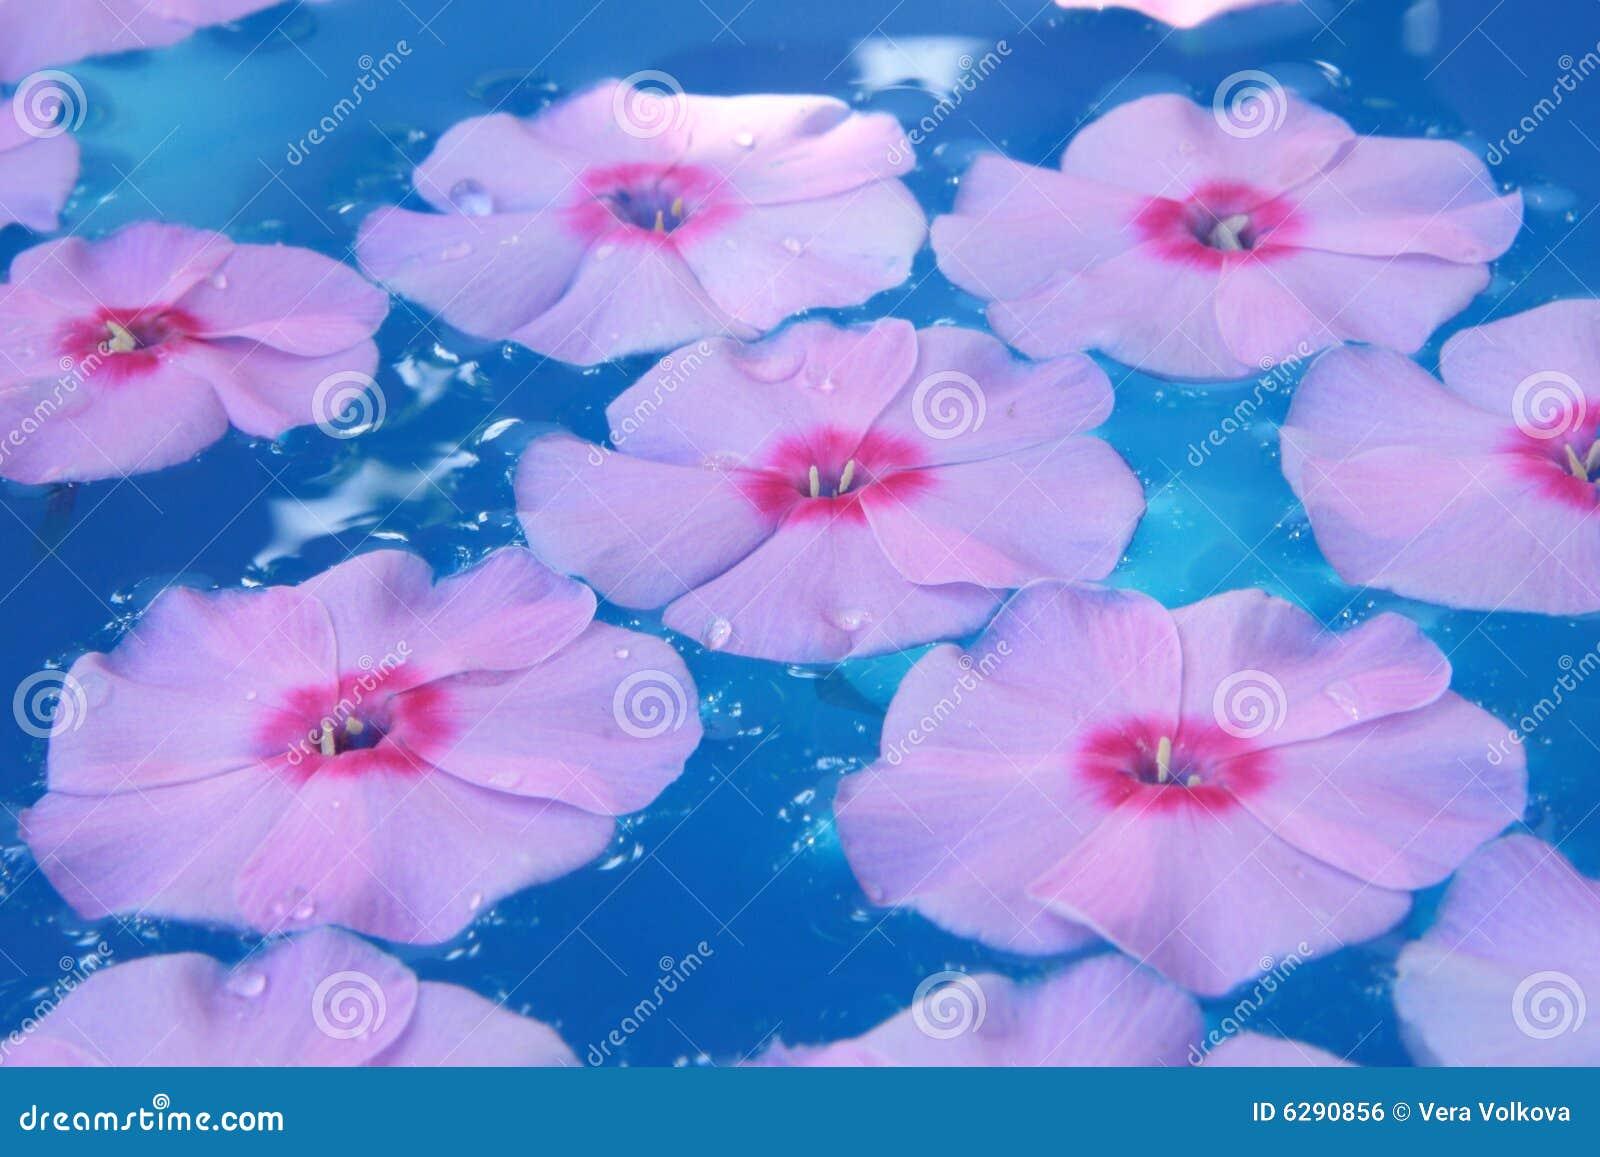 Flor en agua azul